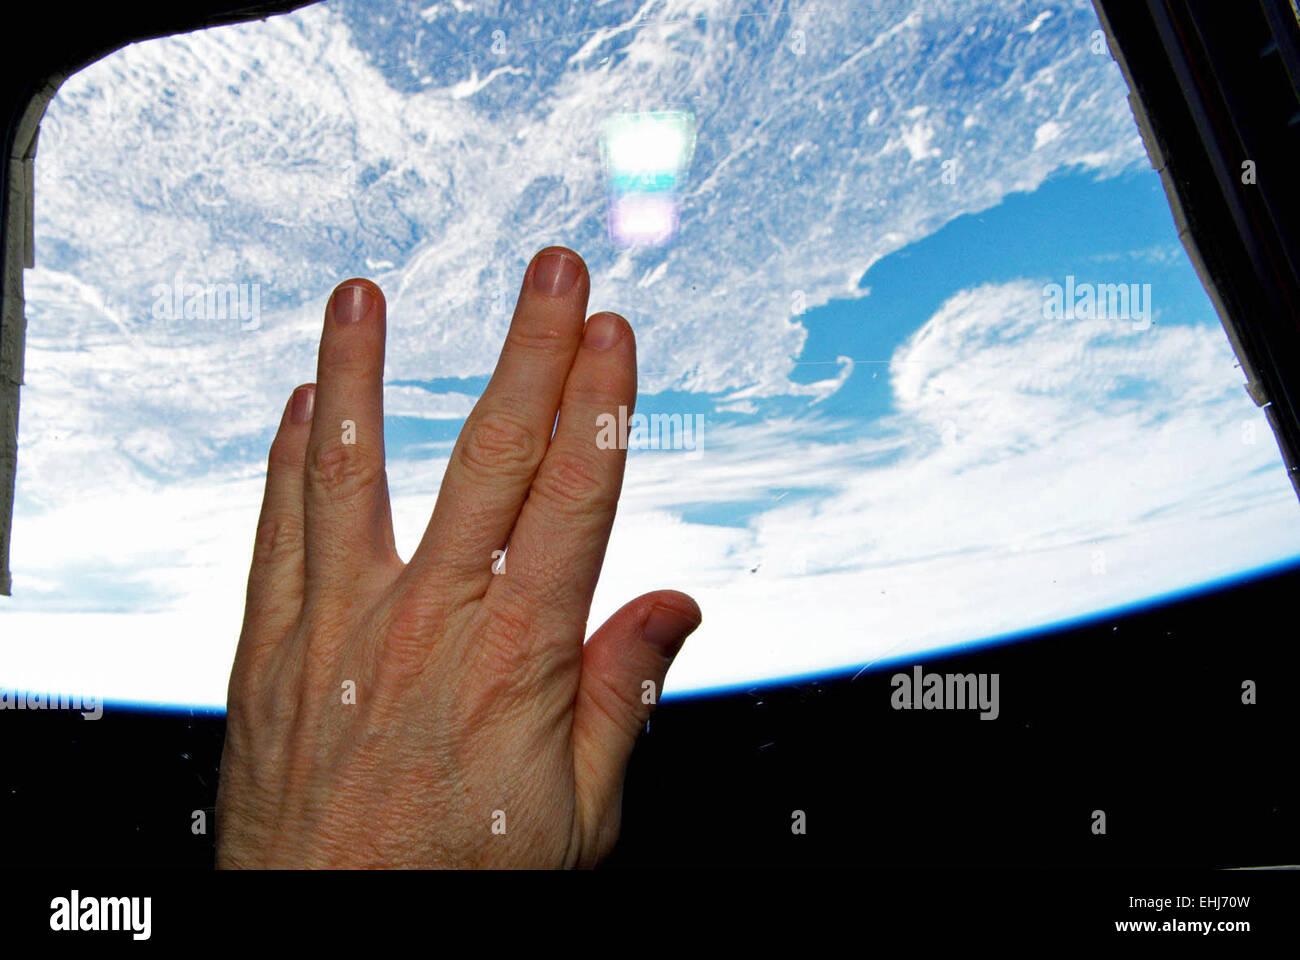 Terry Virts astronaute (@AstroTerry) twitté cette image d'un salut de la main à partir de l'orbite de Vulcan, en hommage à l'acteur Leonard Nimoy, décédé le vendredi 27 février, 2015. Banque D'Images